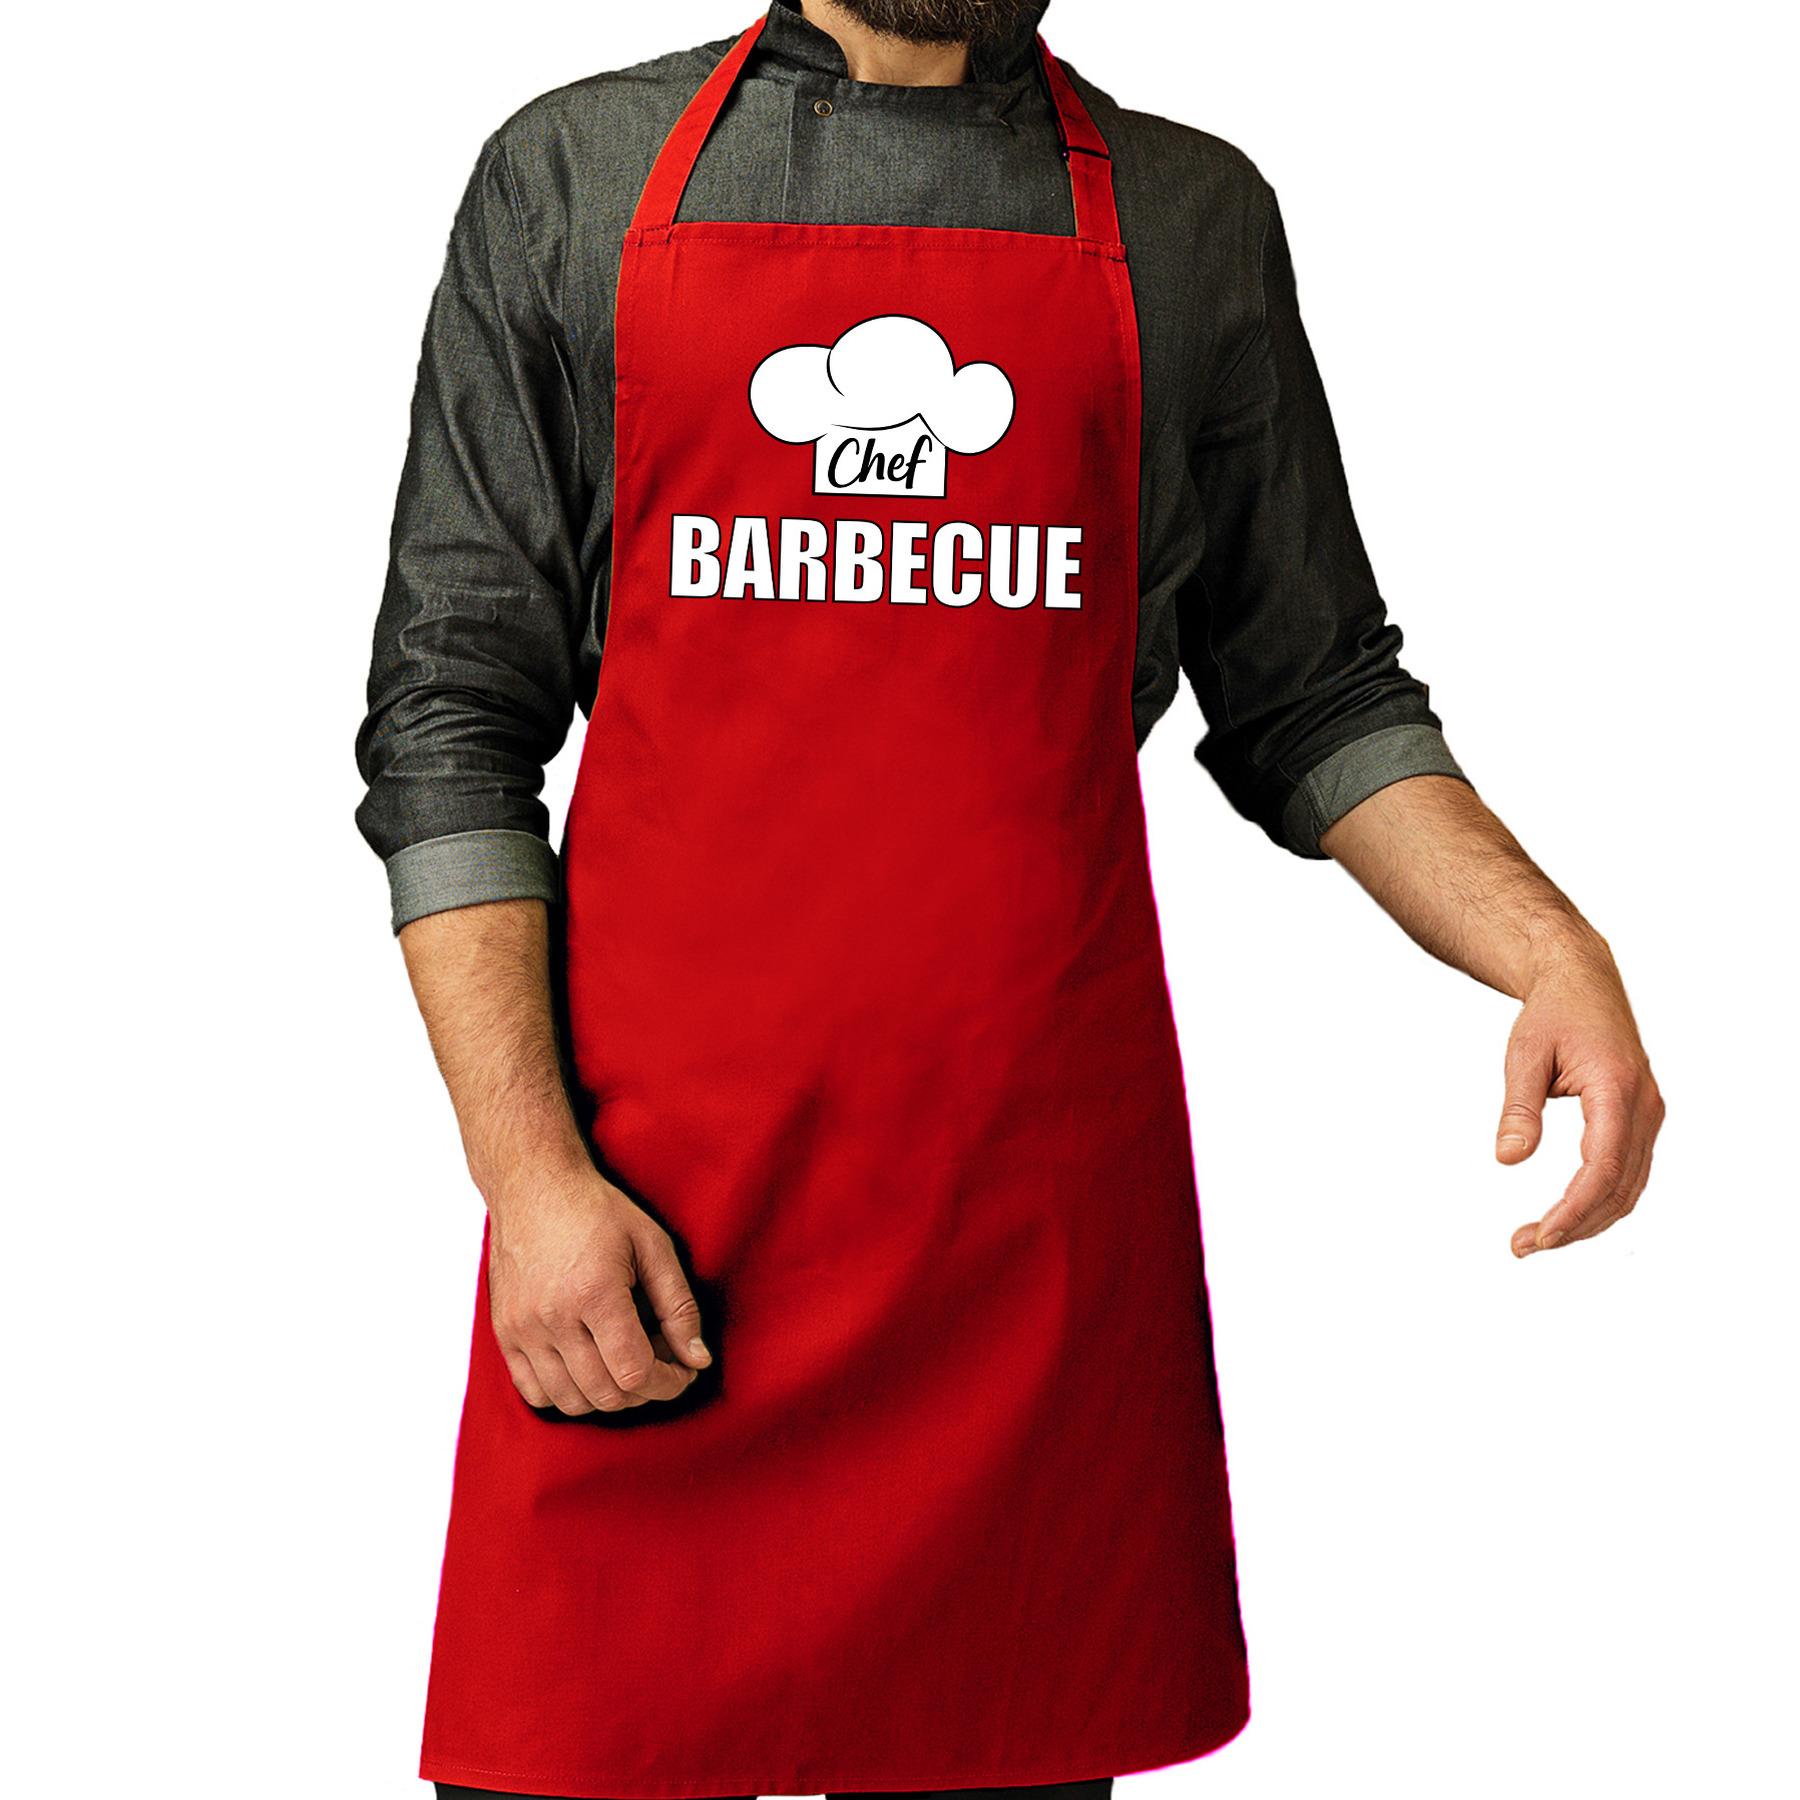 Chef barbecue schort - keukenschort rood heren